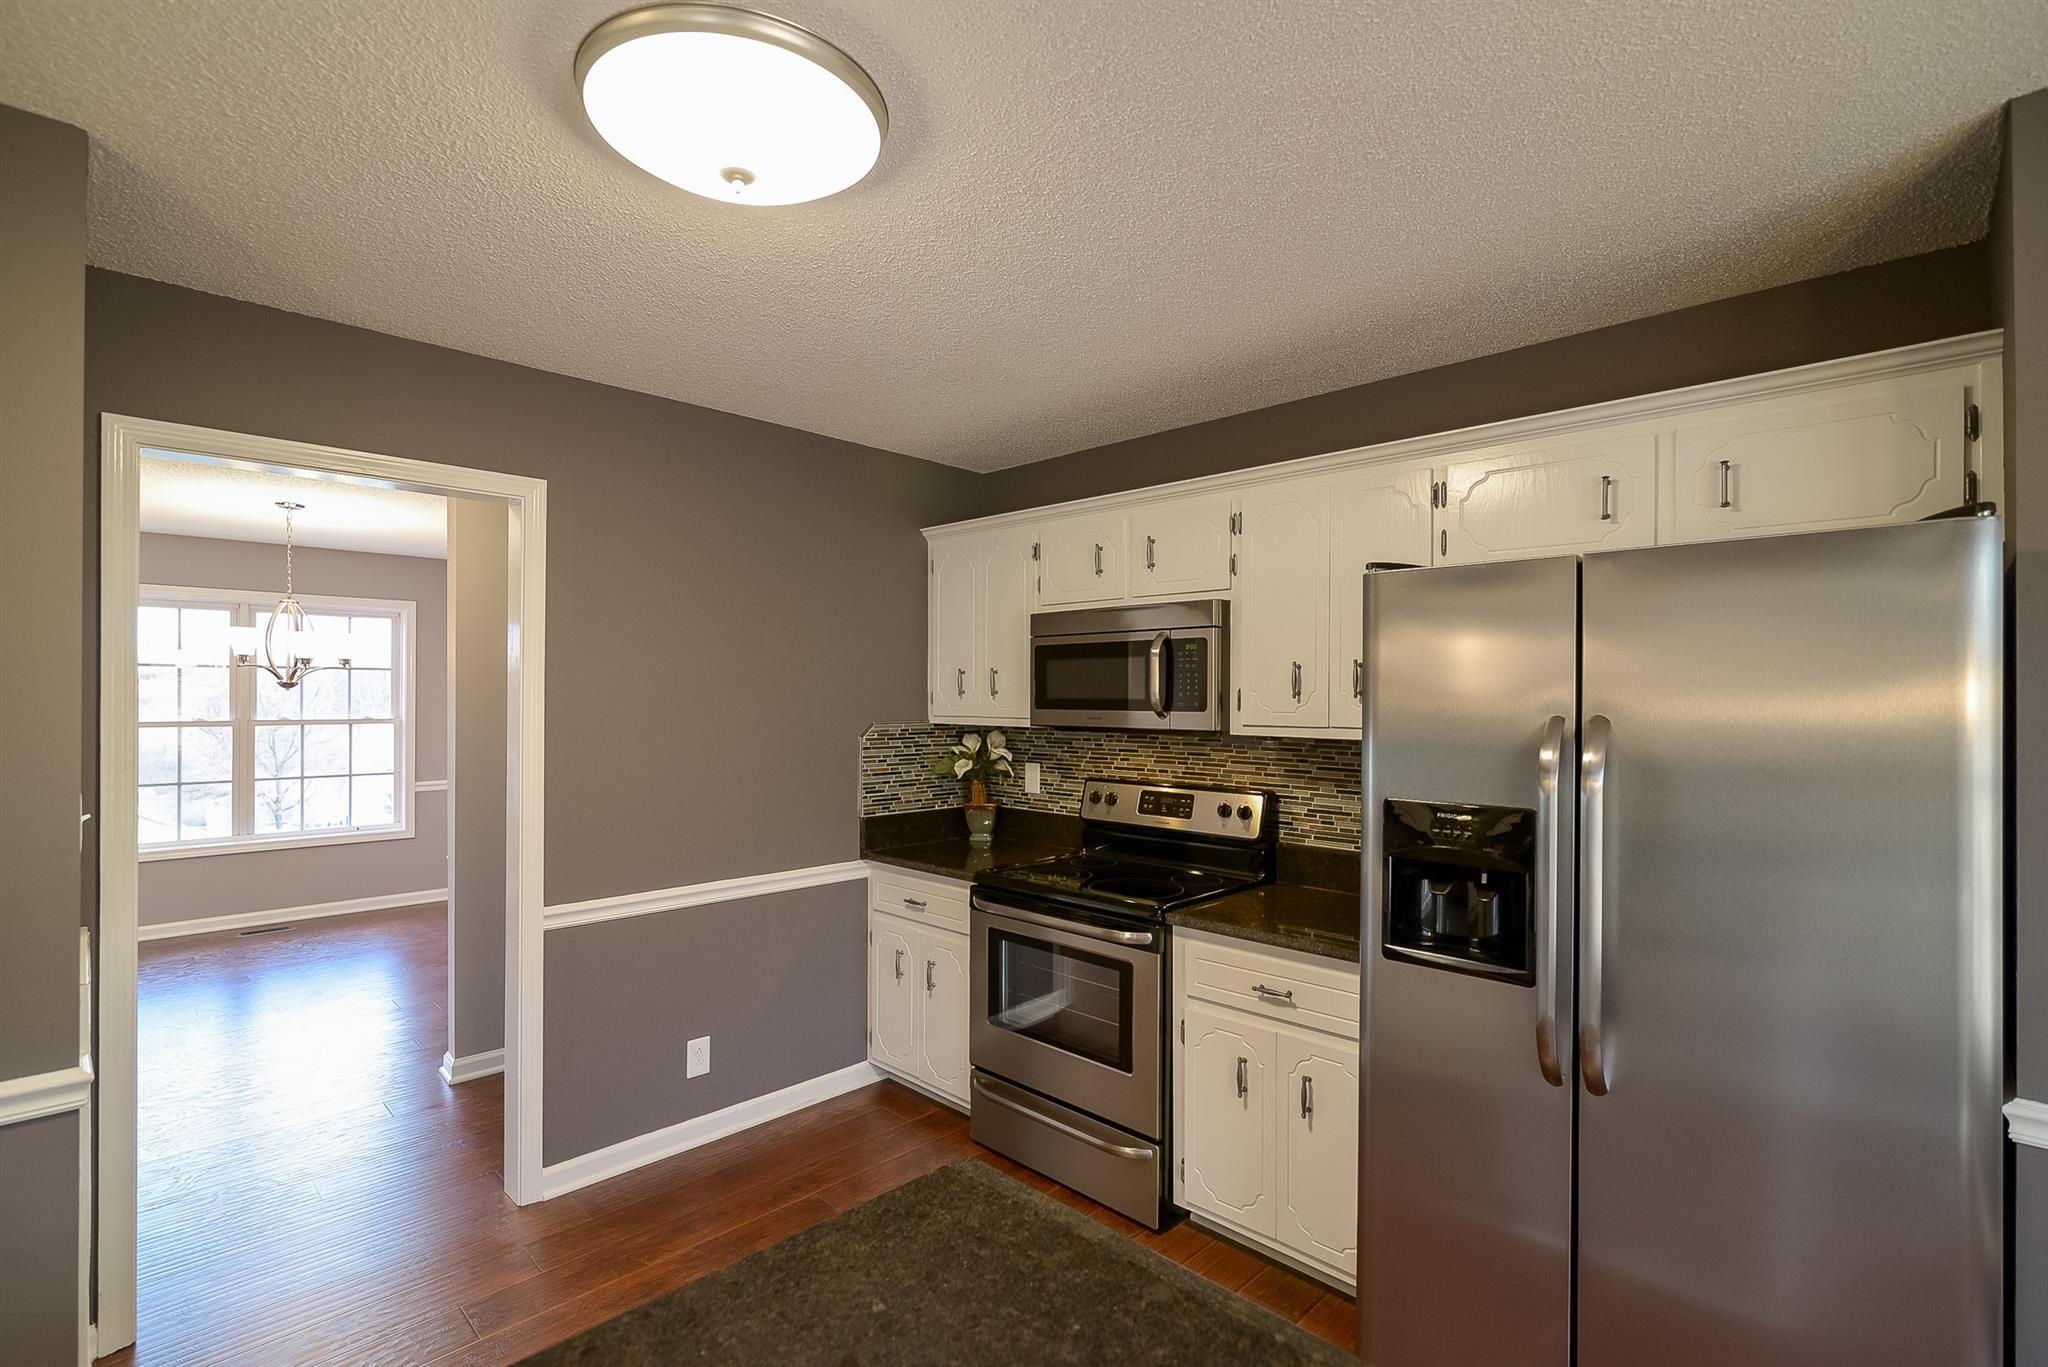 1484 Mckinley Ct., Clarksville TN 37042 - Photo 5   Home ...